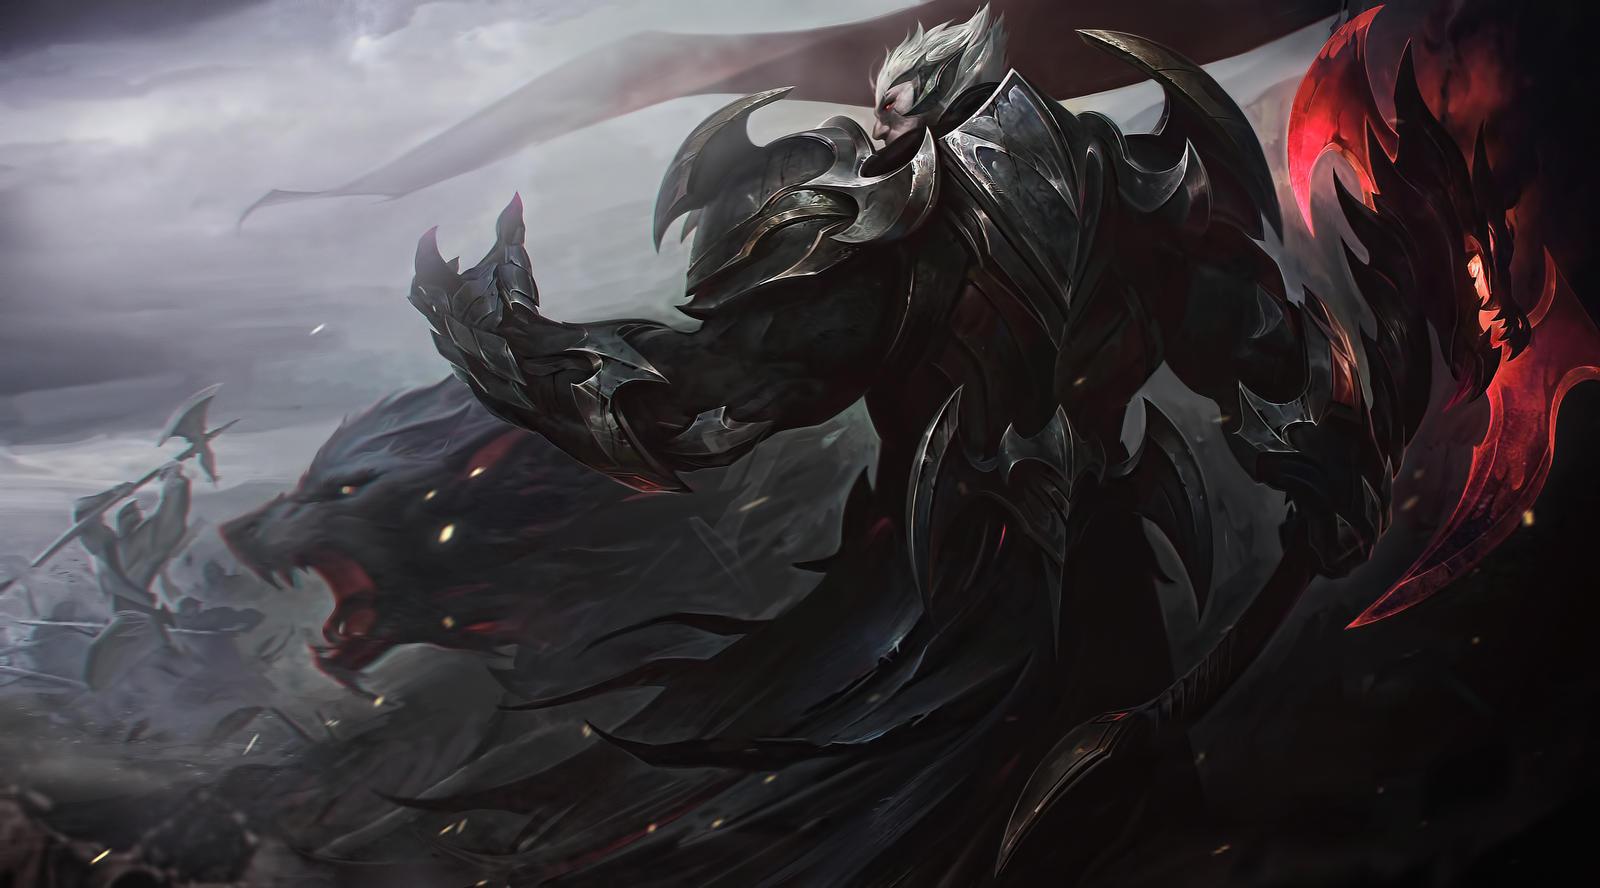 God King Darius League Of Legends 4k Hd Wallpaper By Alxv1 On Deviantart